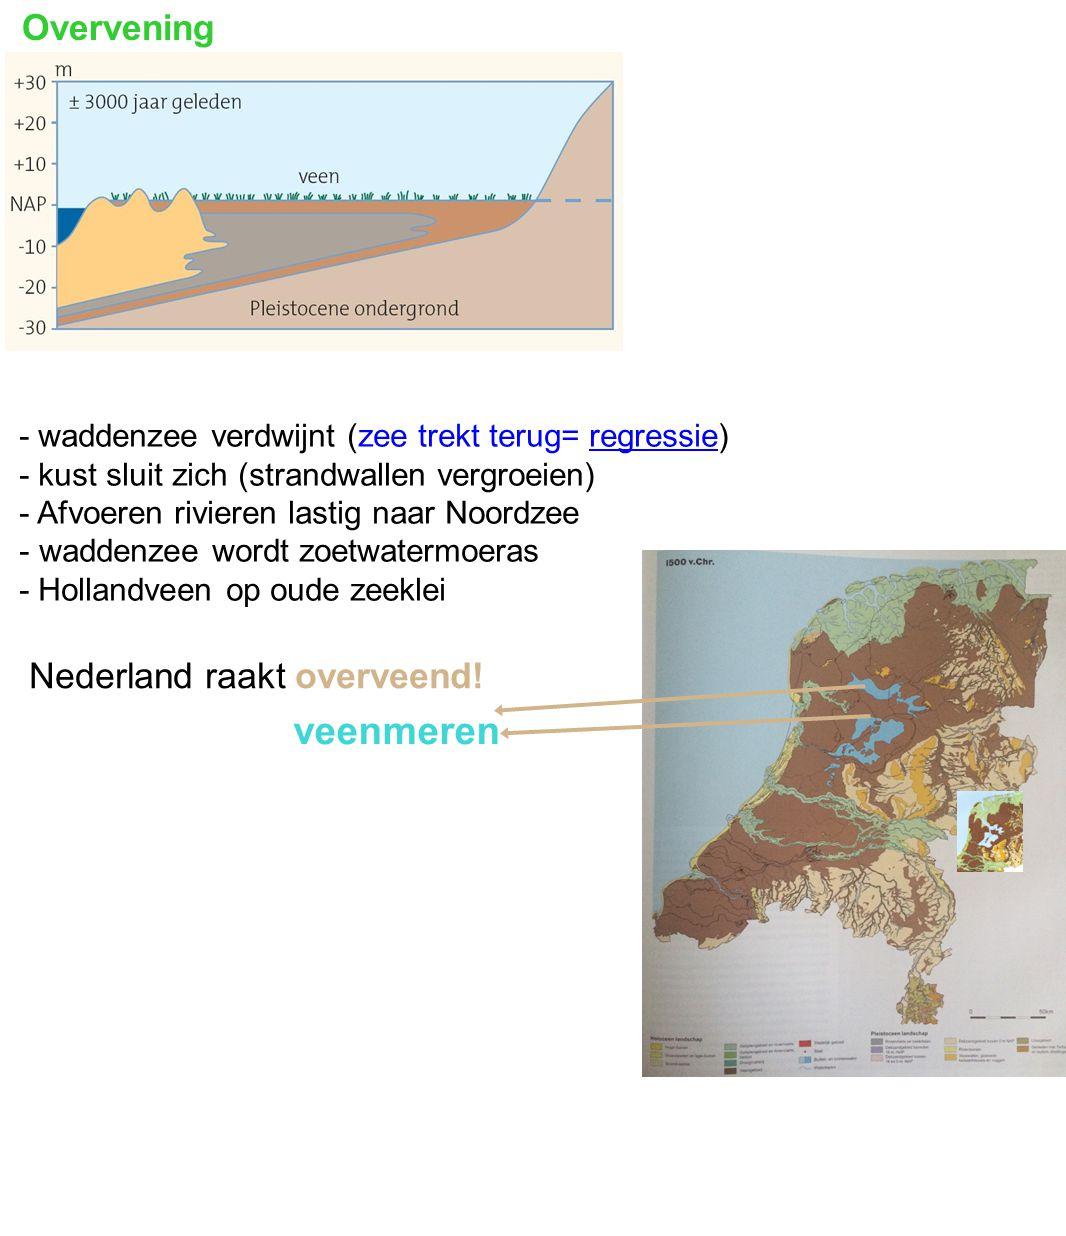 - waddenzee verdwijnt (zee trekt terug= regressie) - kust sluit zich (strandwallen vergroeien) - Afvoeren rivieren lastig naar Noordzee - waddenzee wo